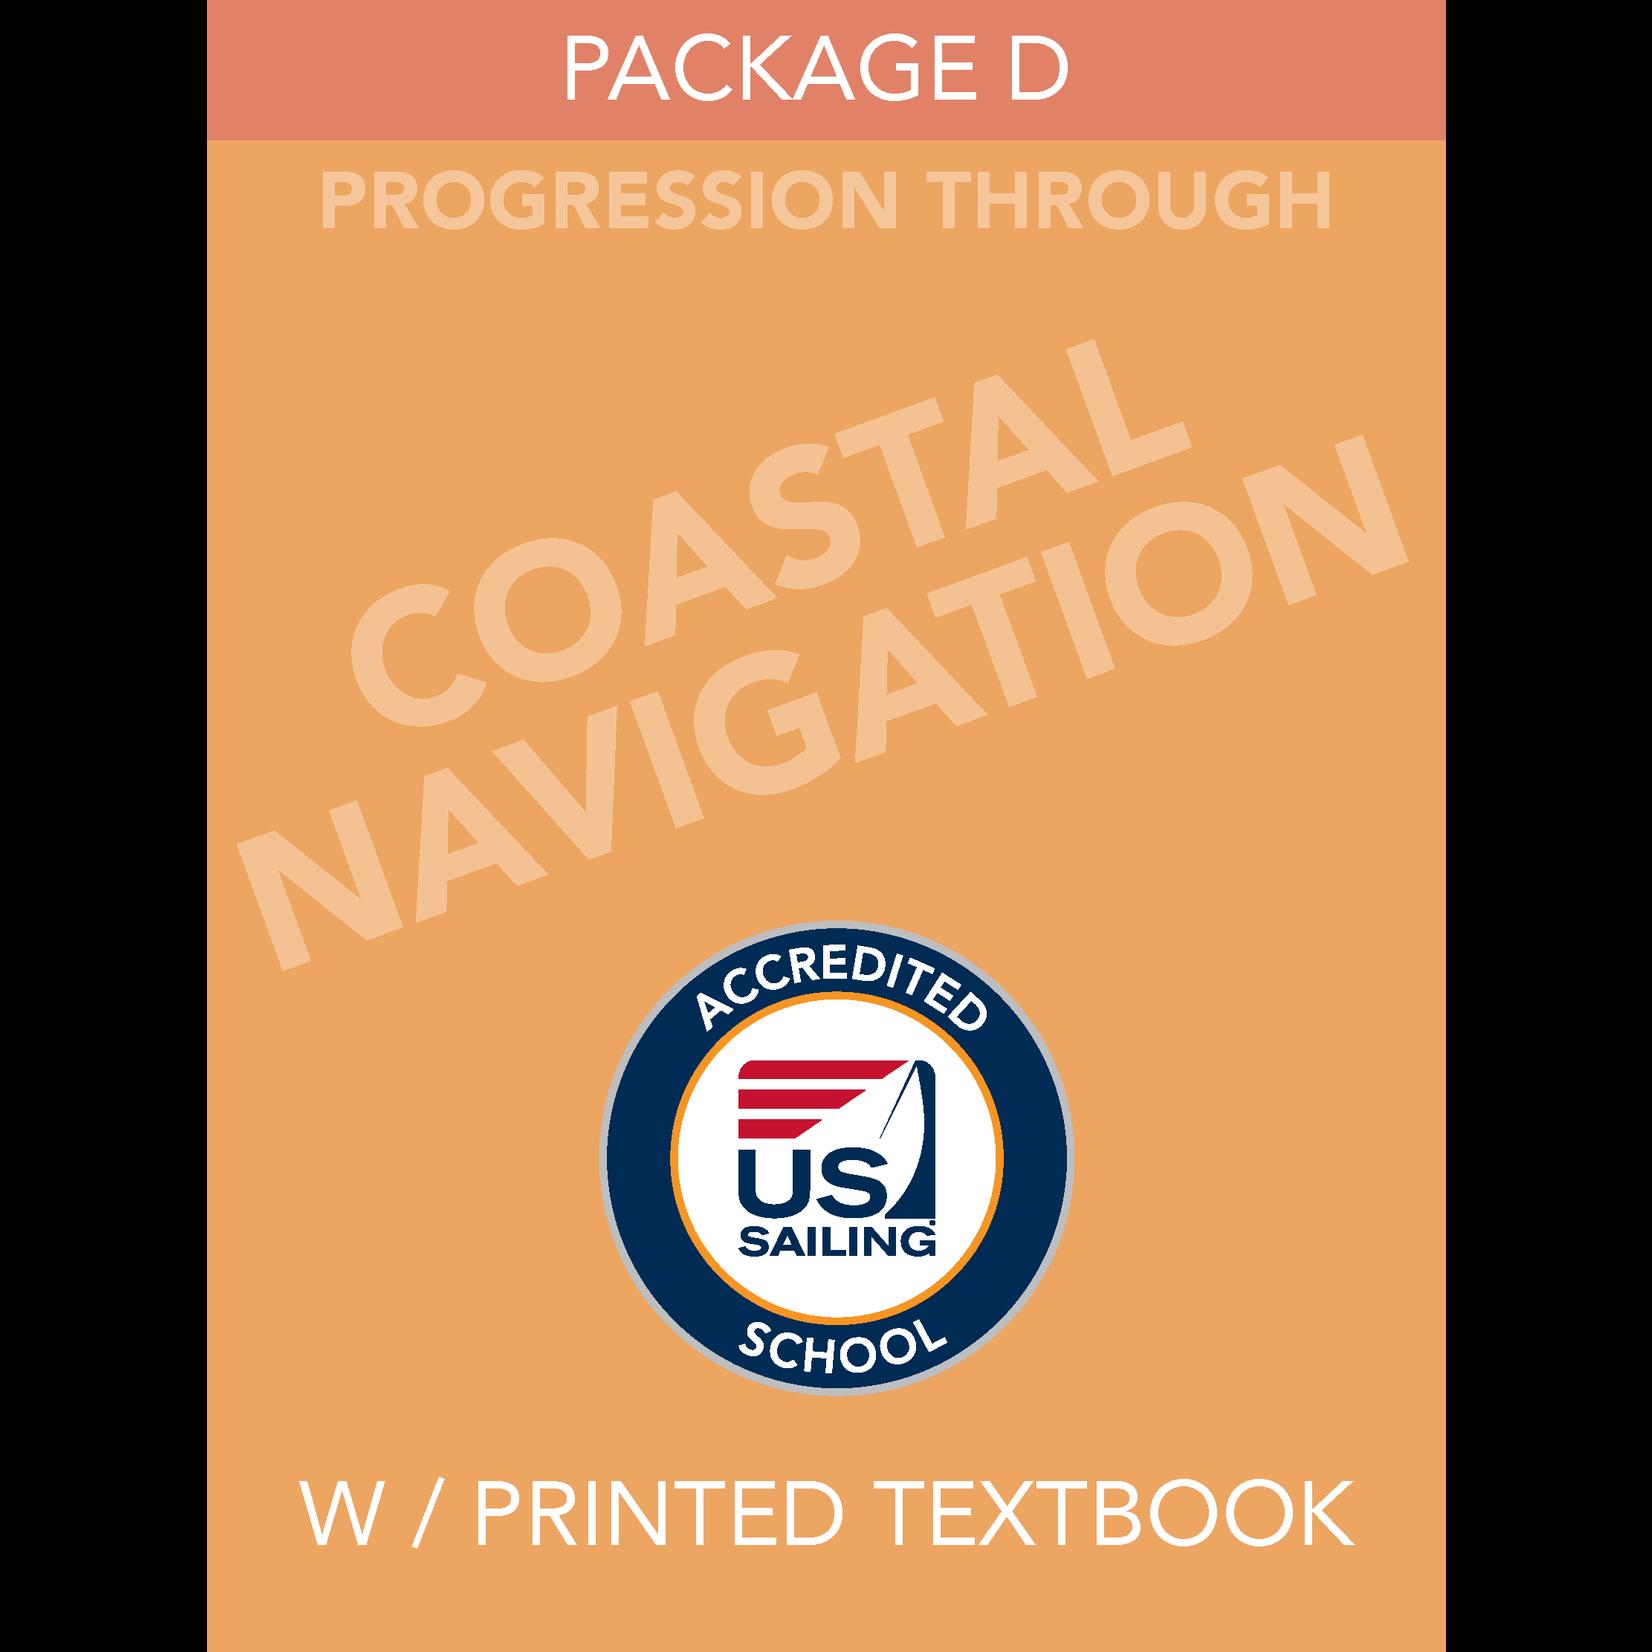 Package D - Coastal Navigation